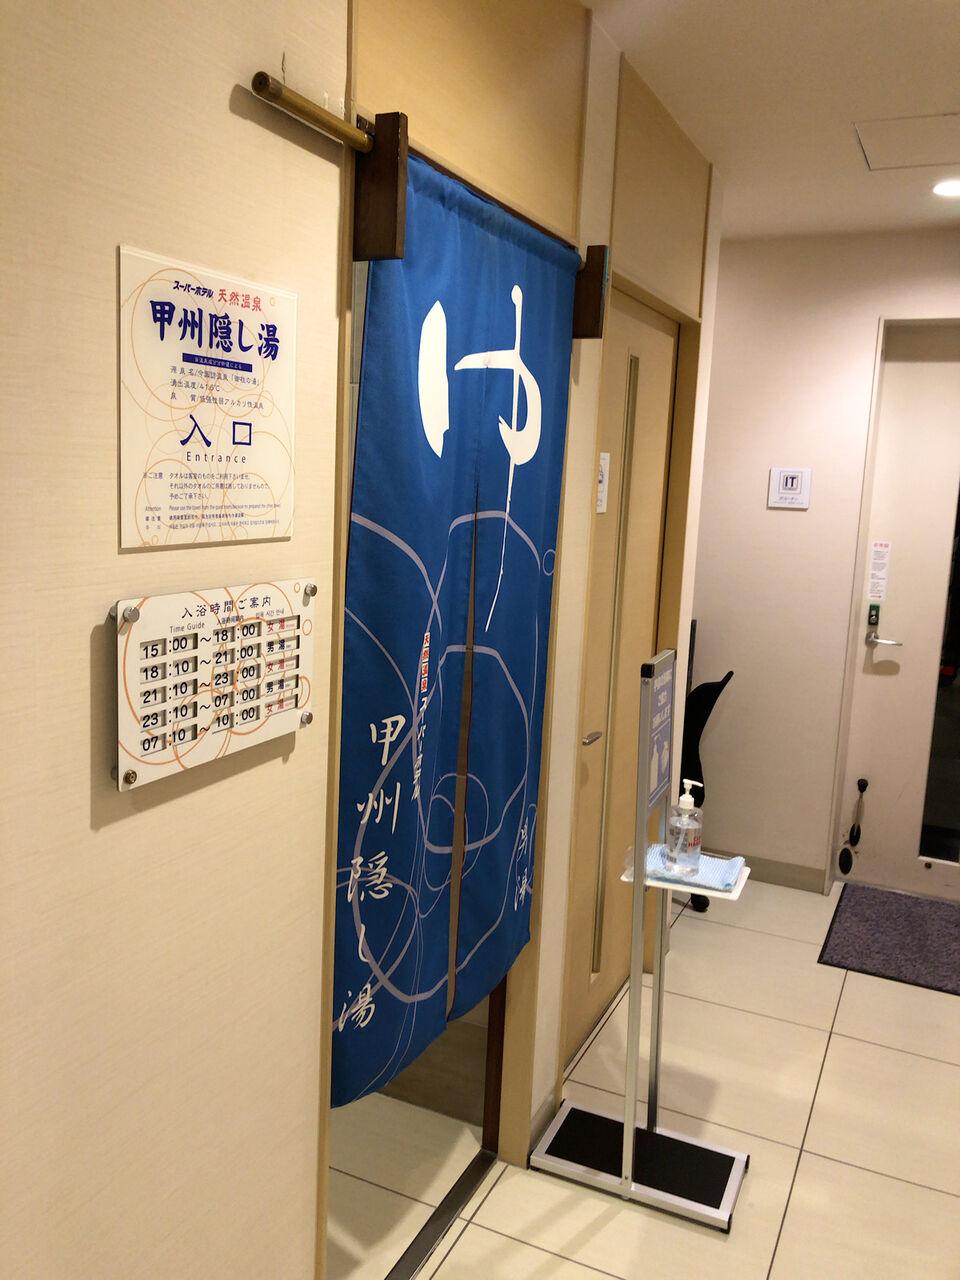 甲府 昭和 インター スーパー ホテル